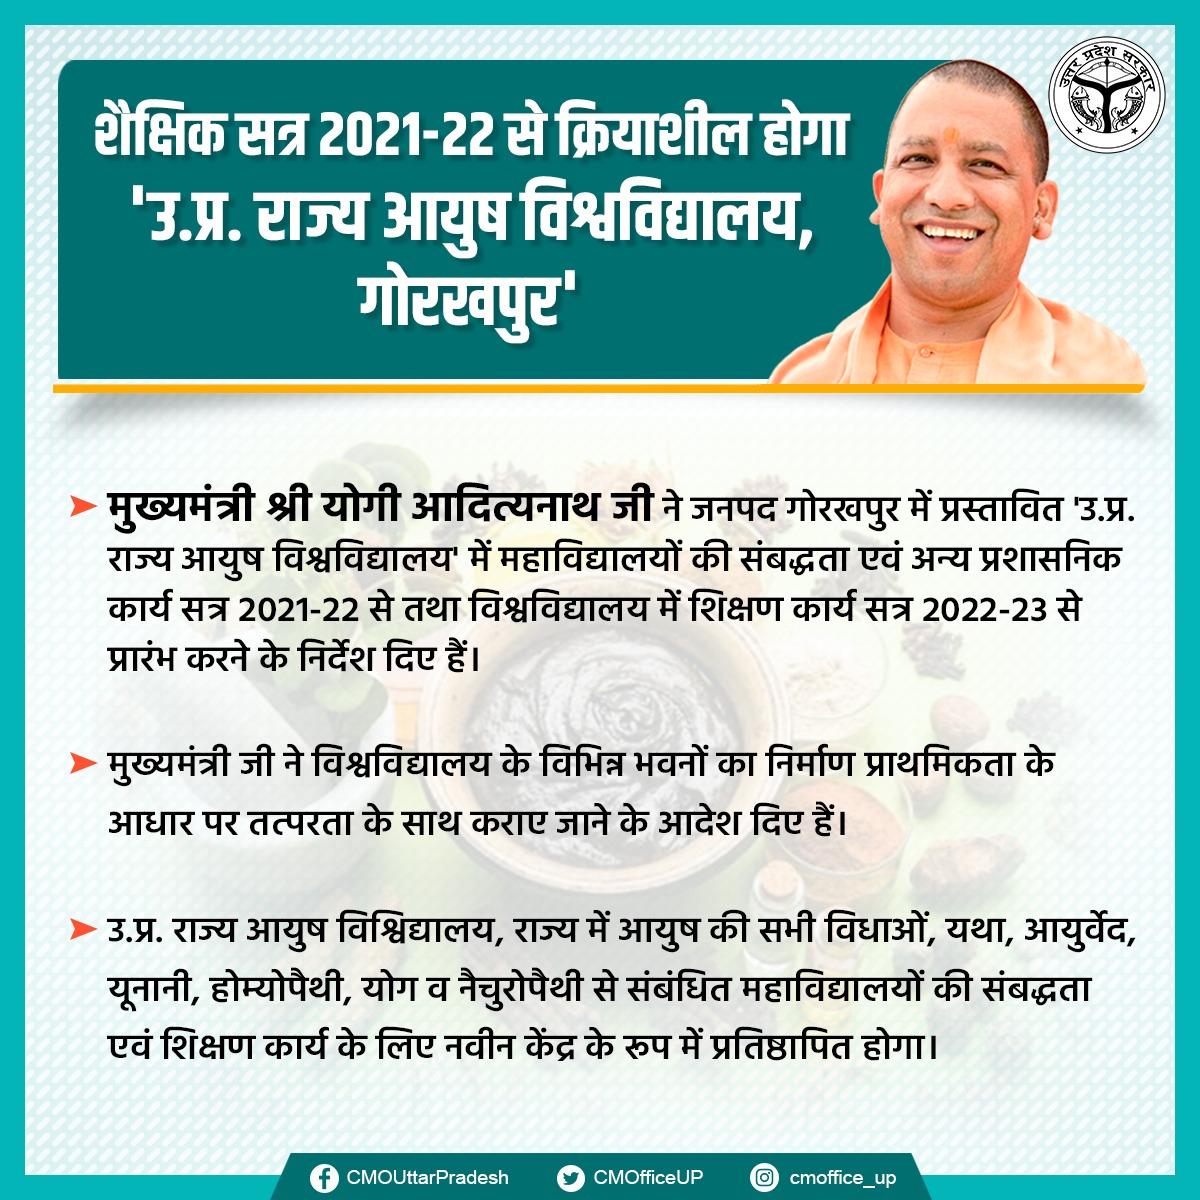 मुख्यमंत्री श्री @myogiadityanath जी ने जनपद गोरखपुर में प्रस्तावित 'उ.प्र. राज्य आयुष विश्वविद्यालय' में महाविद्यालयों की संबद्धता एवं अन्य प्रशासनिक कार्य सत्र 2021-22 से तथा विश्वविद्यालय में शिक्षण कार्य सत्र 2022-23 से प्रारंभ करने के निर्देश दिए हैं। @spgoyal @sanjaychapps1